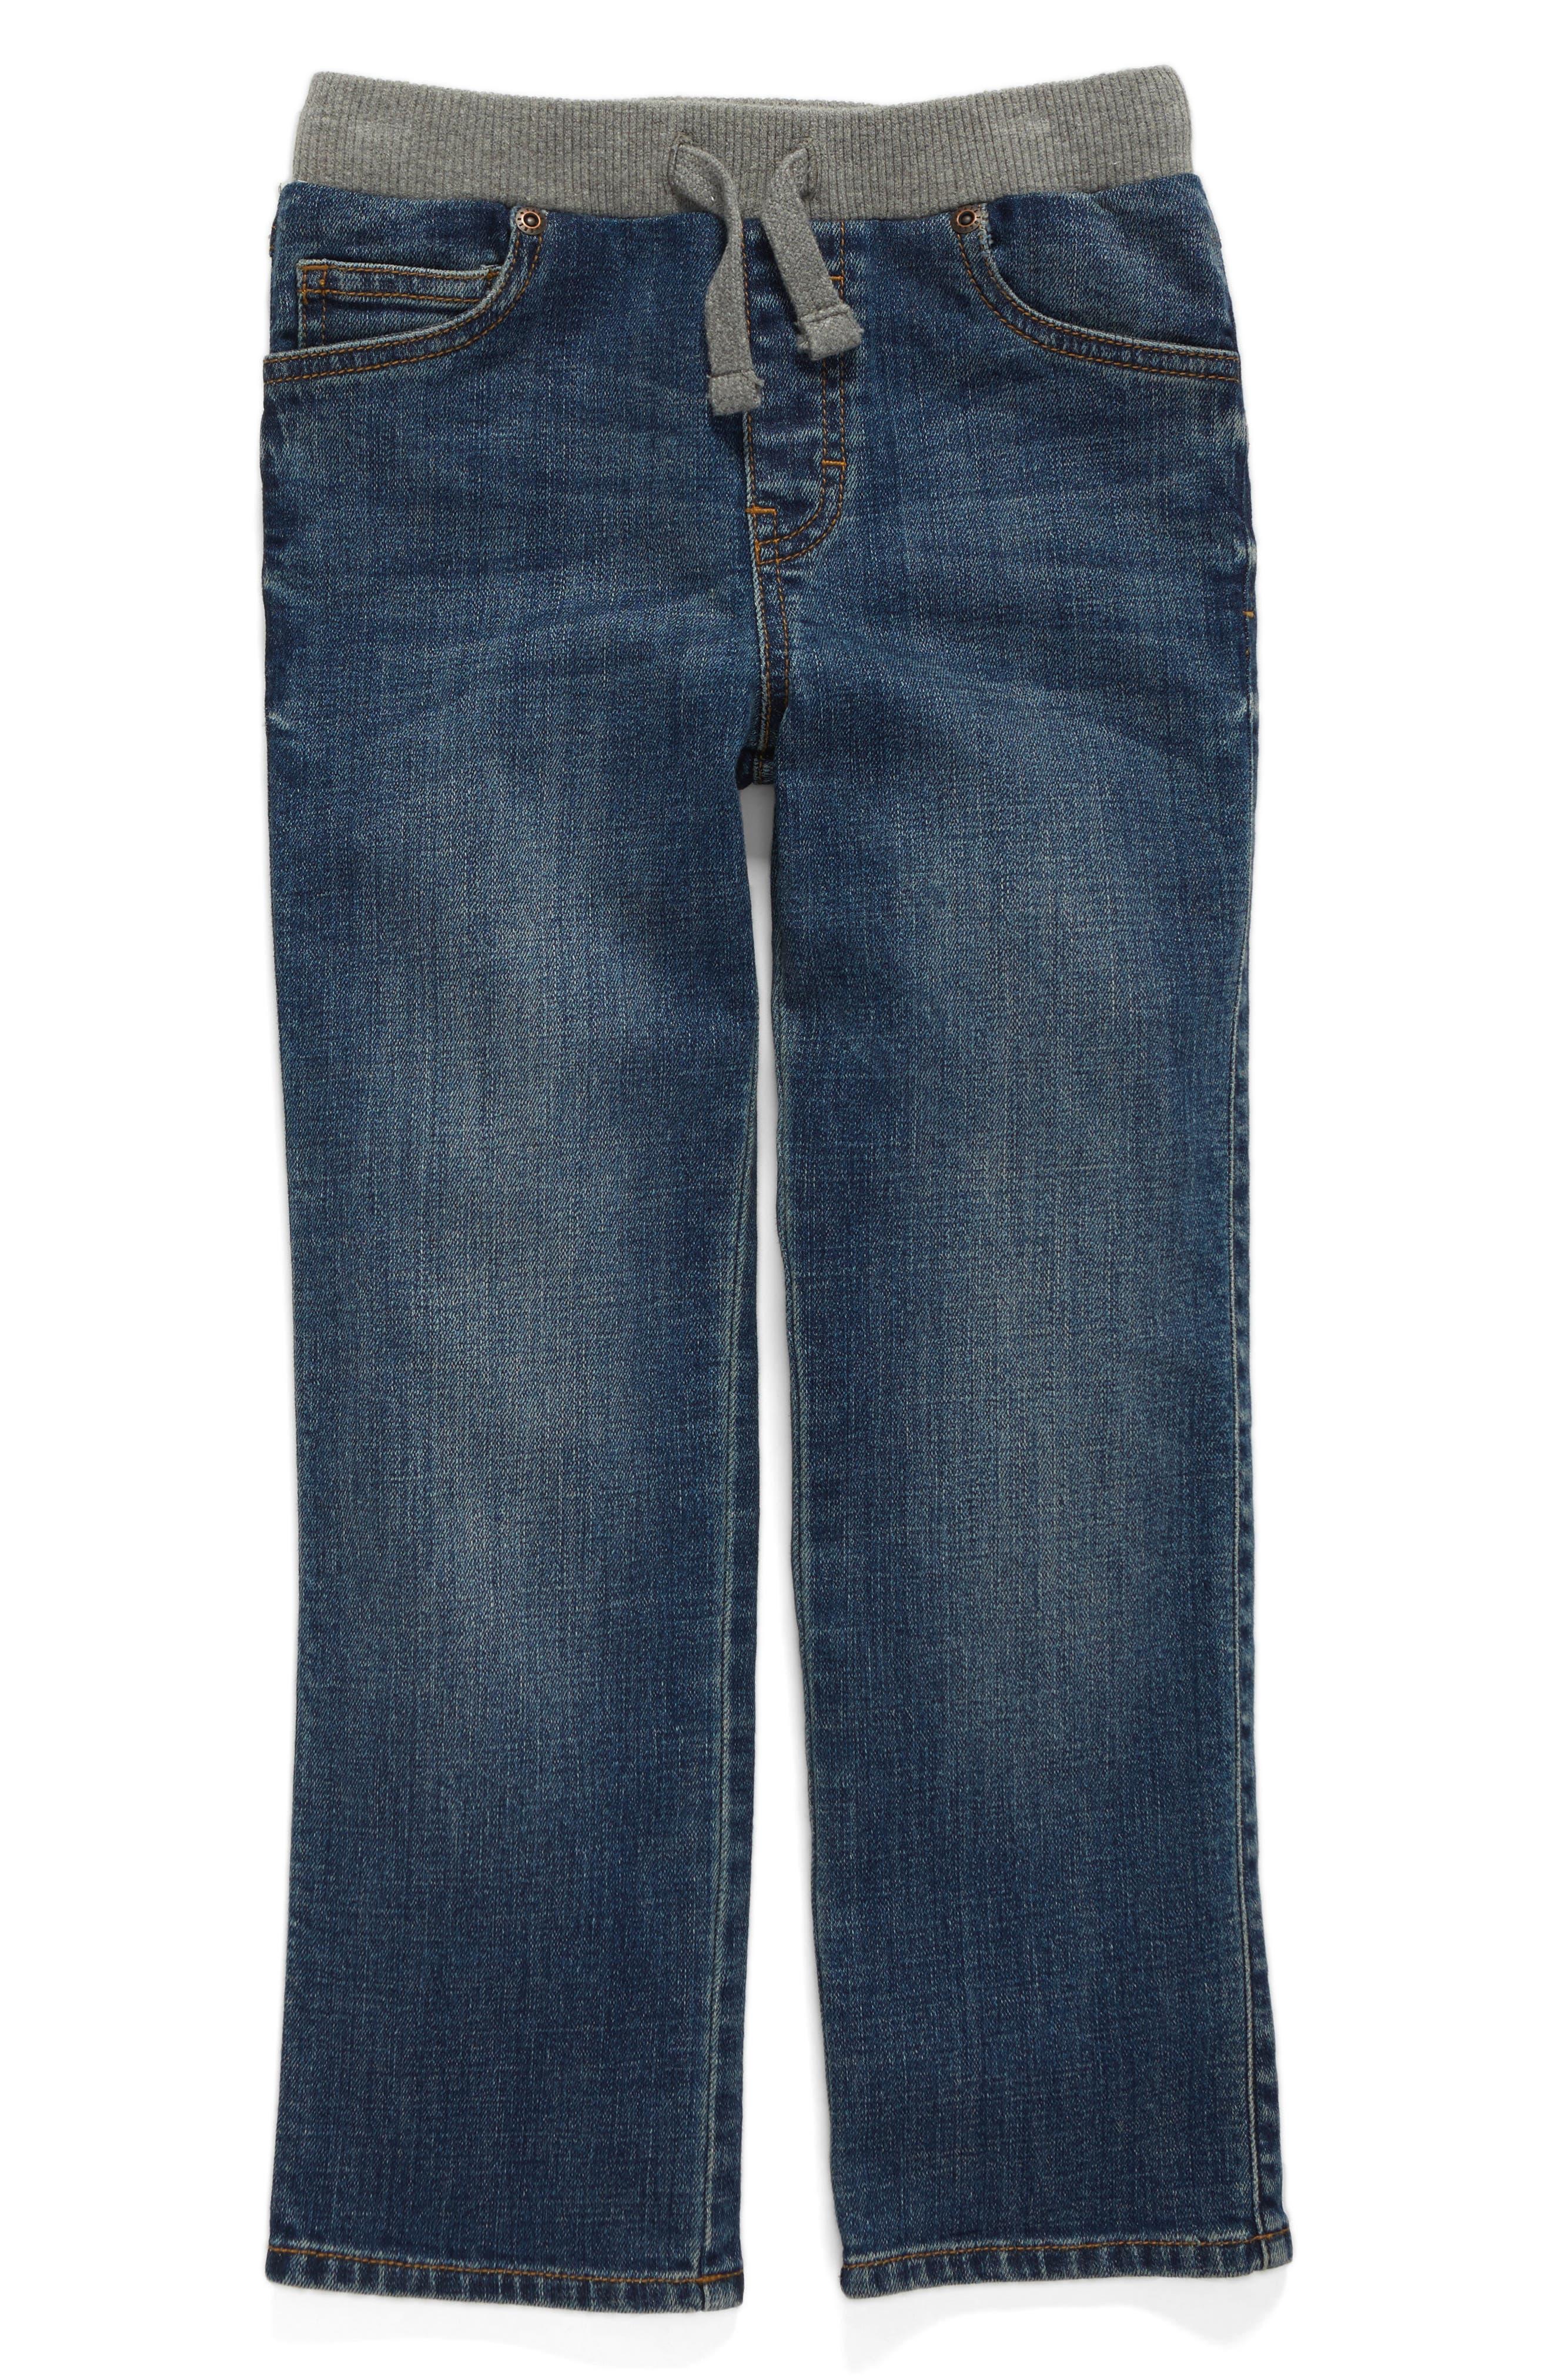 Alternate Image 1 Selected - Tucker + Tate Straight Leg Jeans (Toddler Boys & Little Boys)